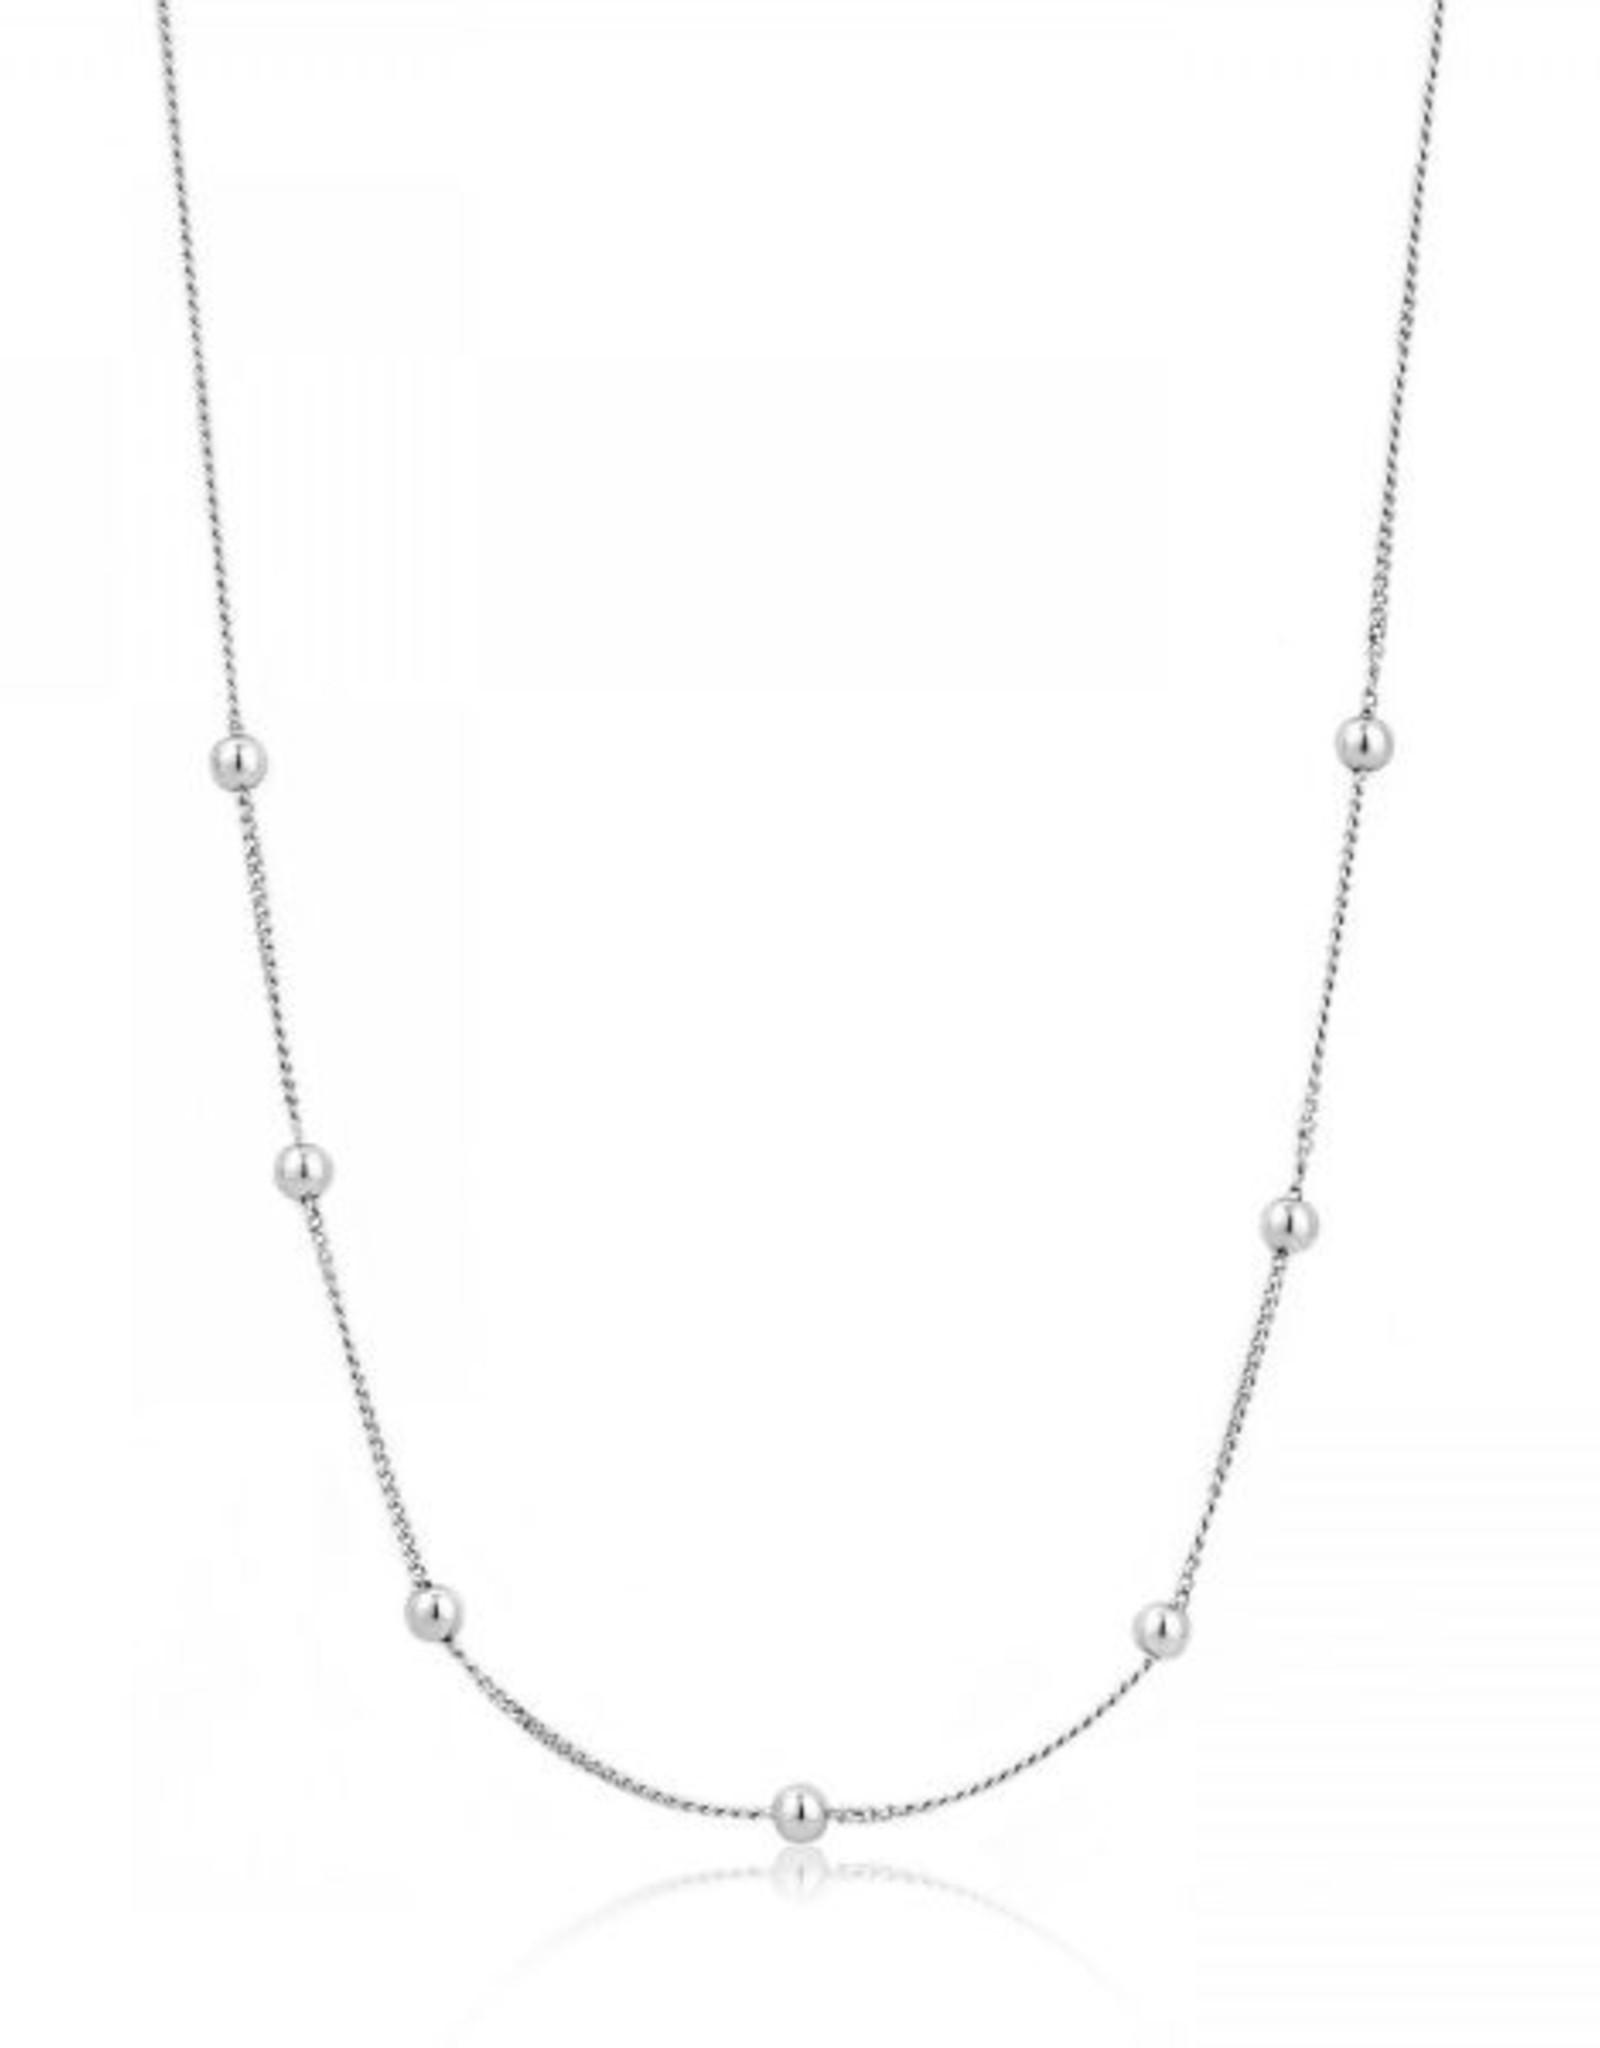 Ania Haie Ania Haie - Orbit beaded necklace Silver